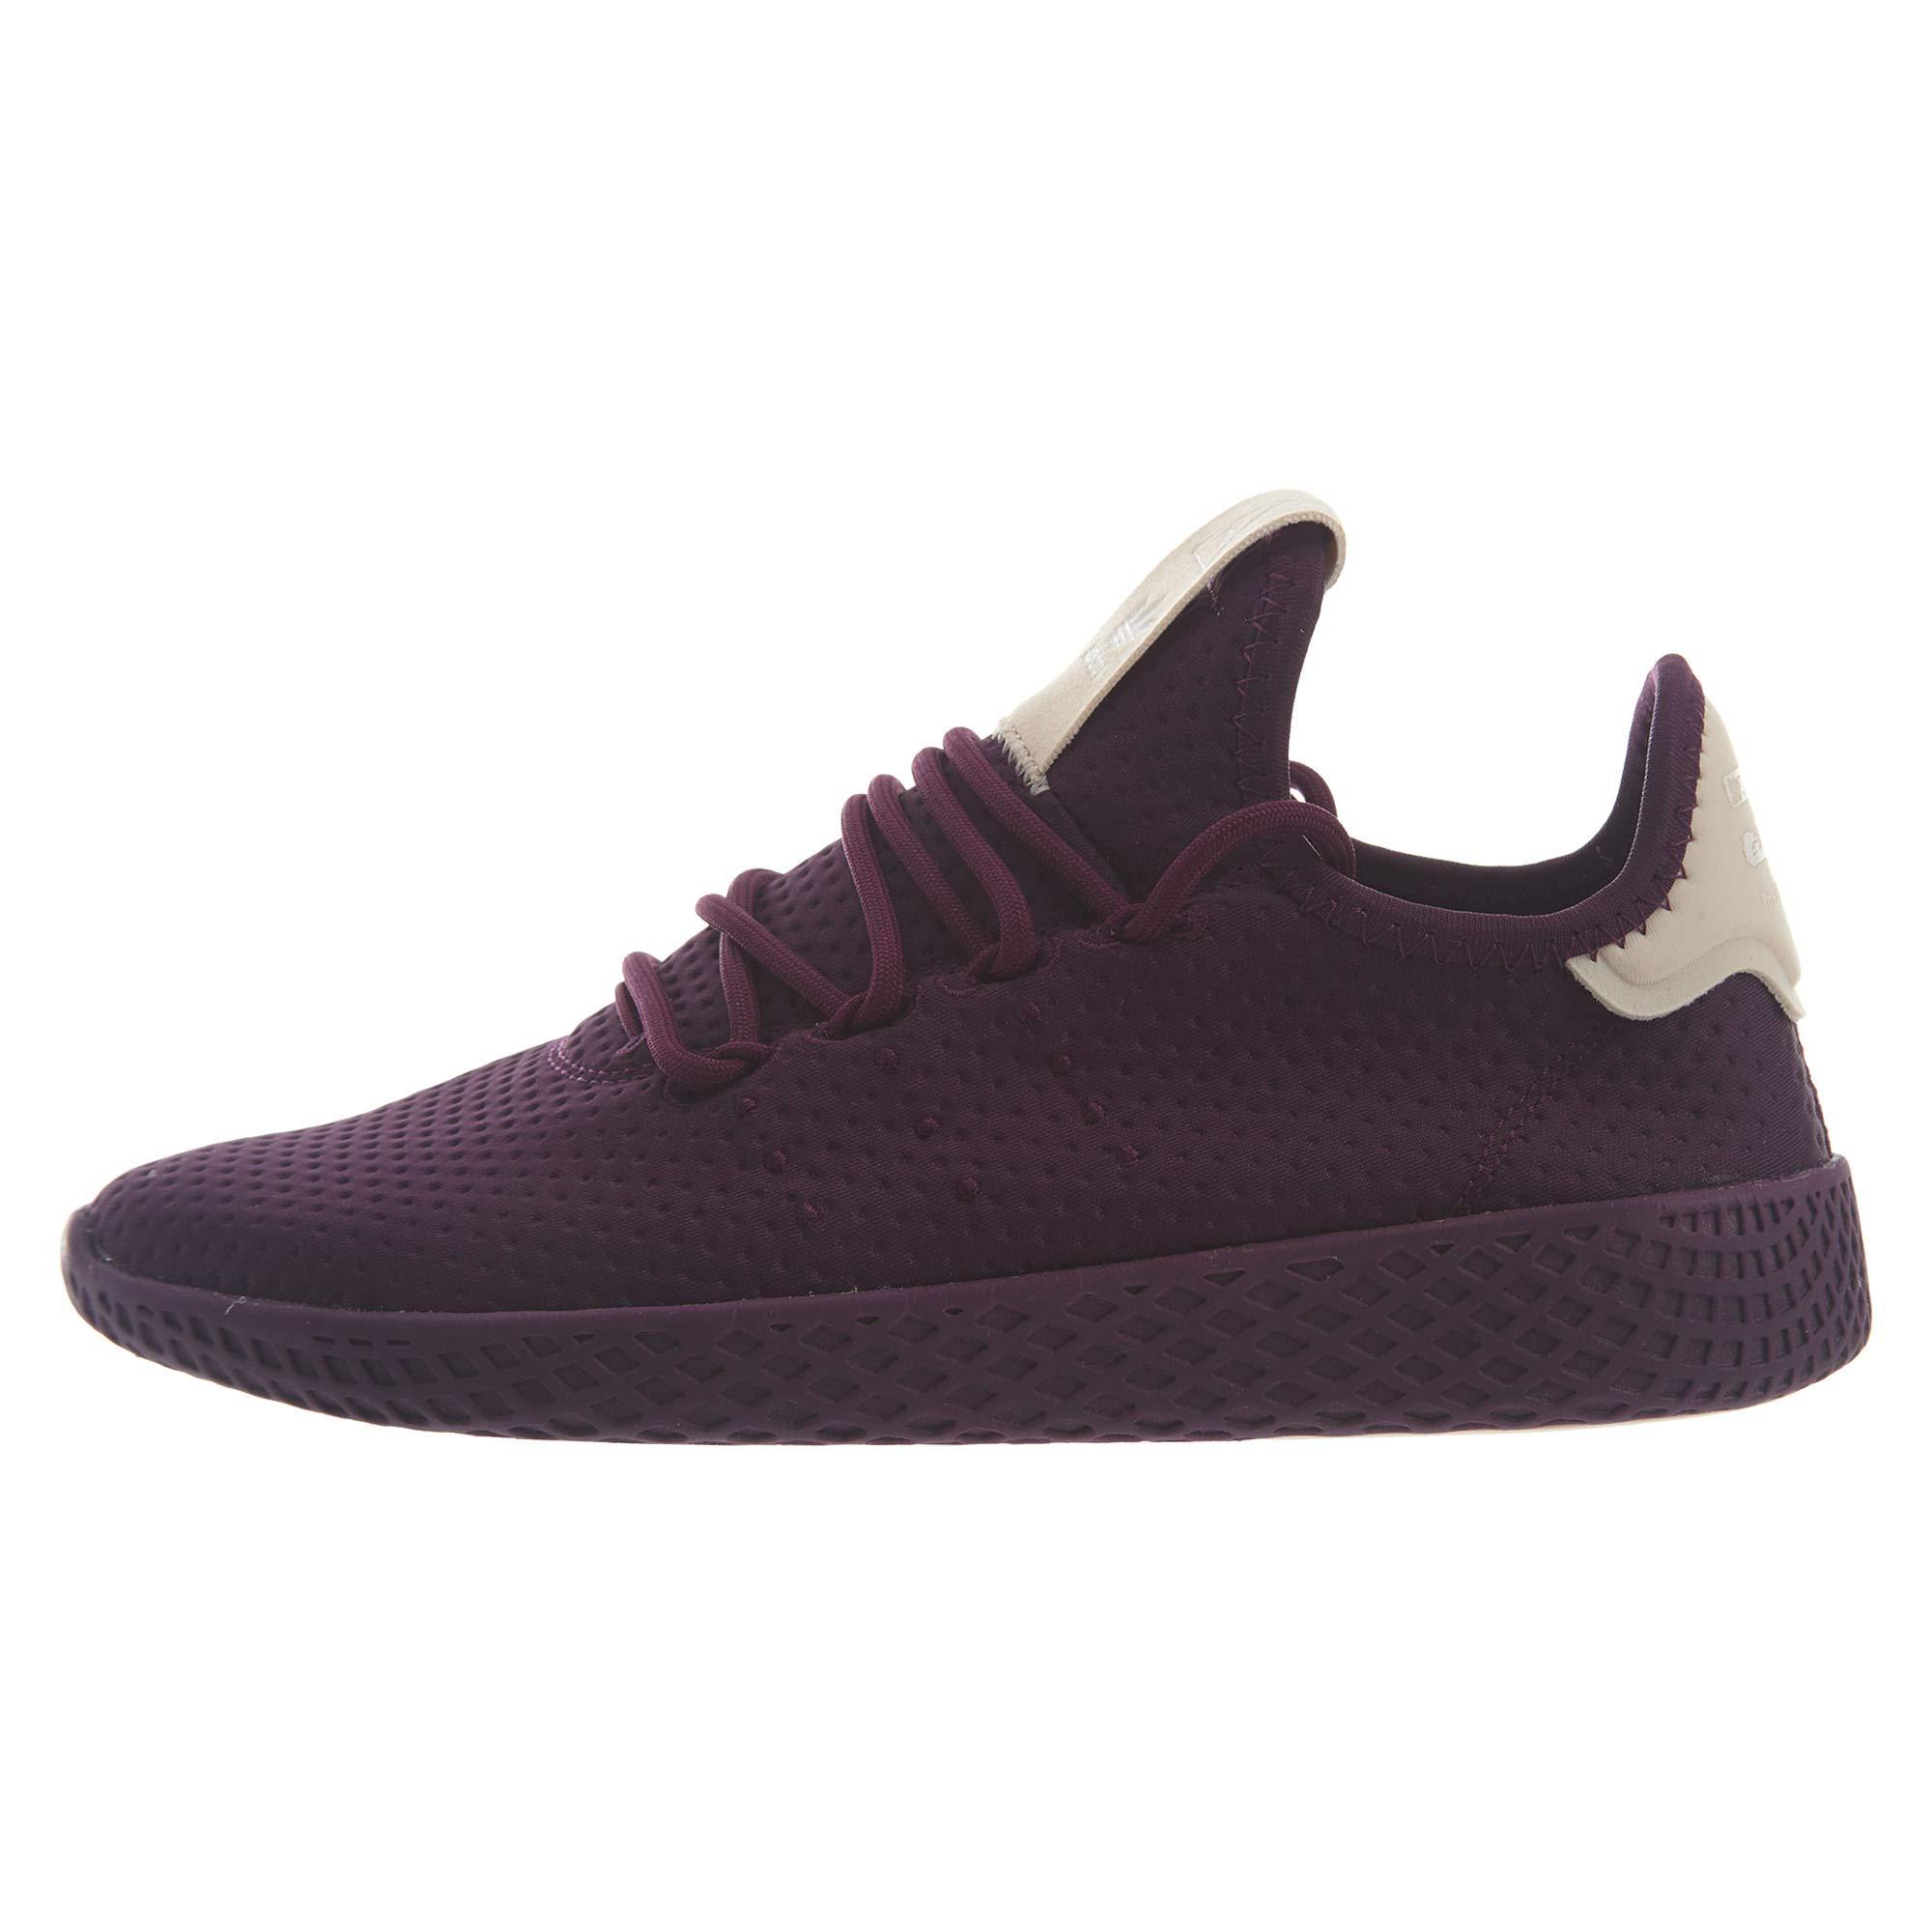 3a663728d Galleon - Adidas Originals Women s Pw Tennis Hu W Running Shoe